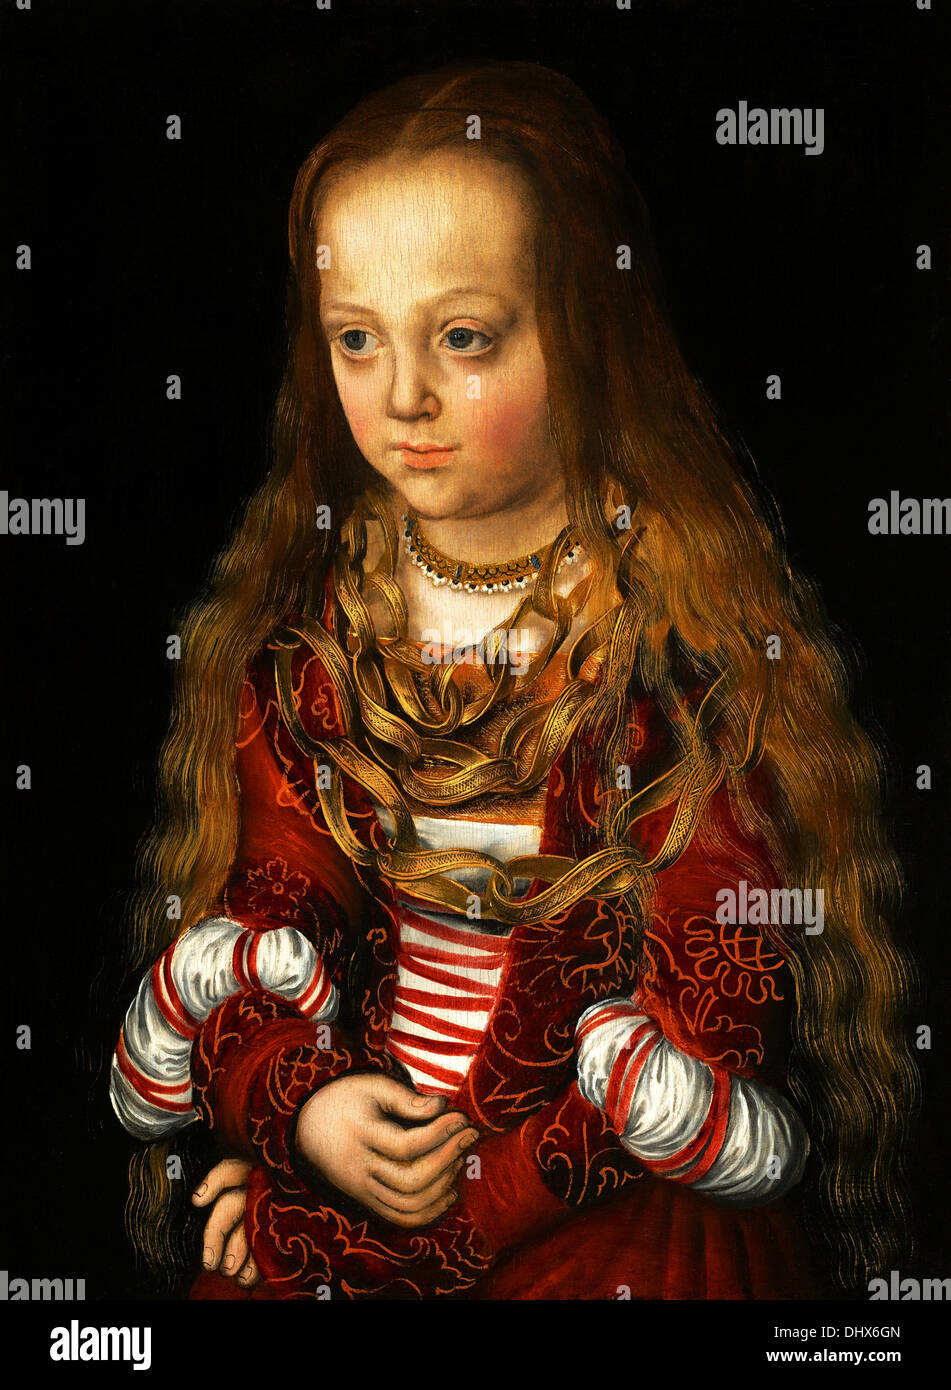 Eine Prinzessin von Sachsen - von Lucas Cranach dem älteren, 1517 Stockbild